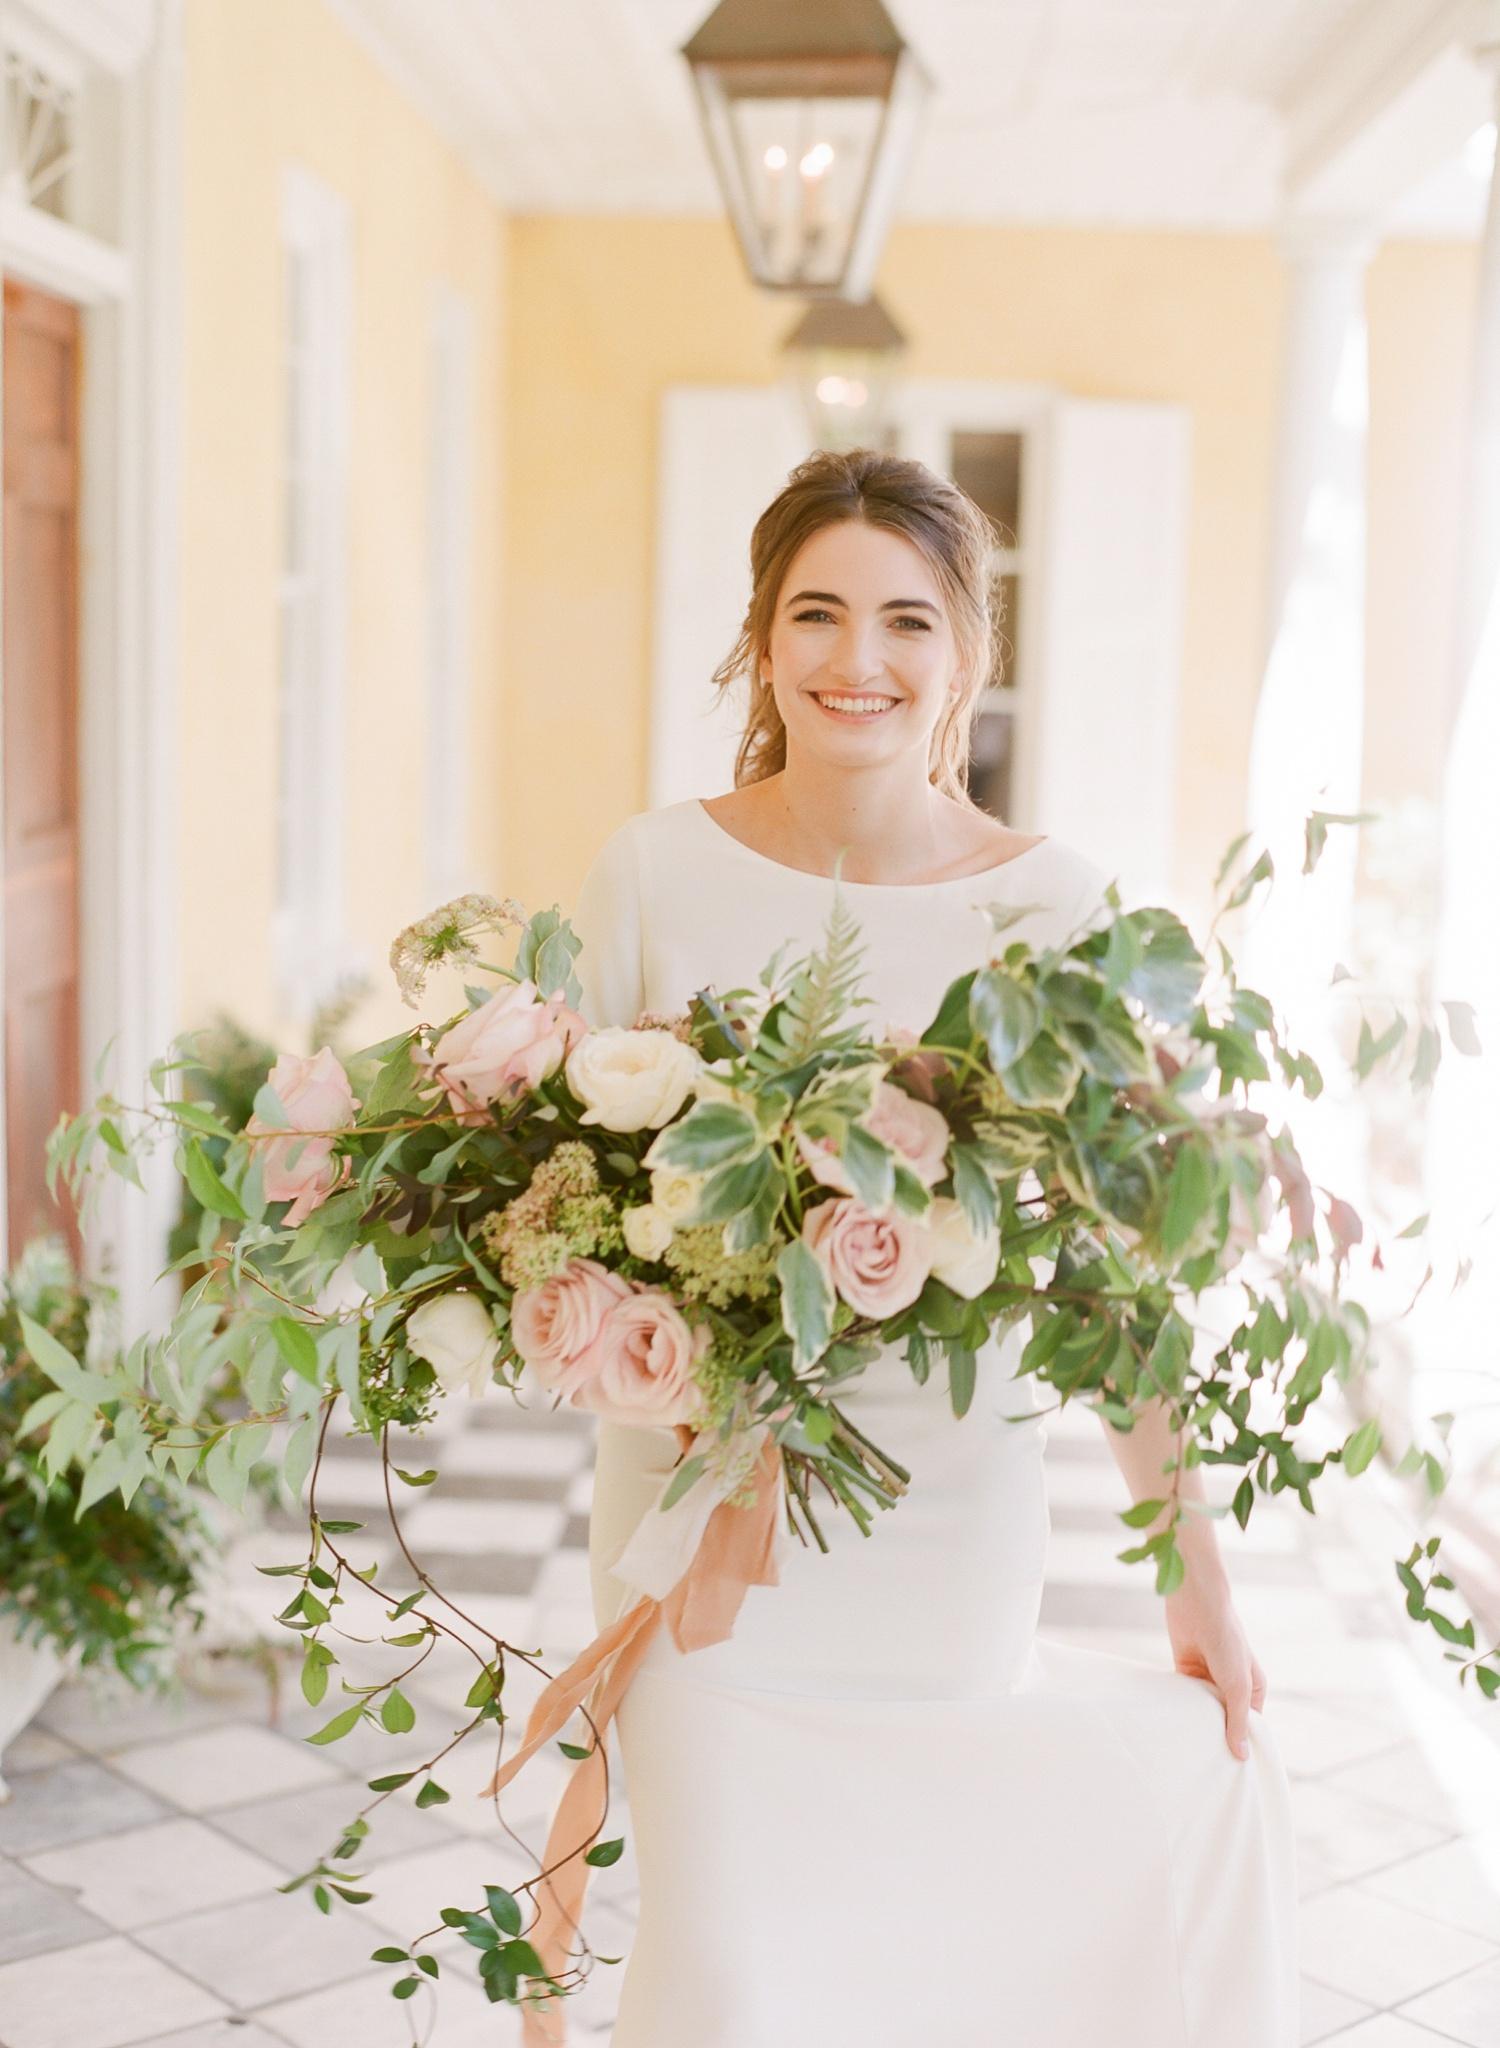 Charleston-Wedding-Venue-William-Aiken_0017.jpg